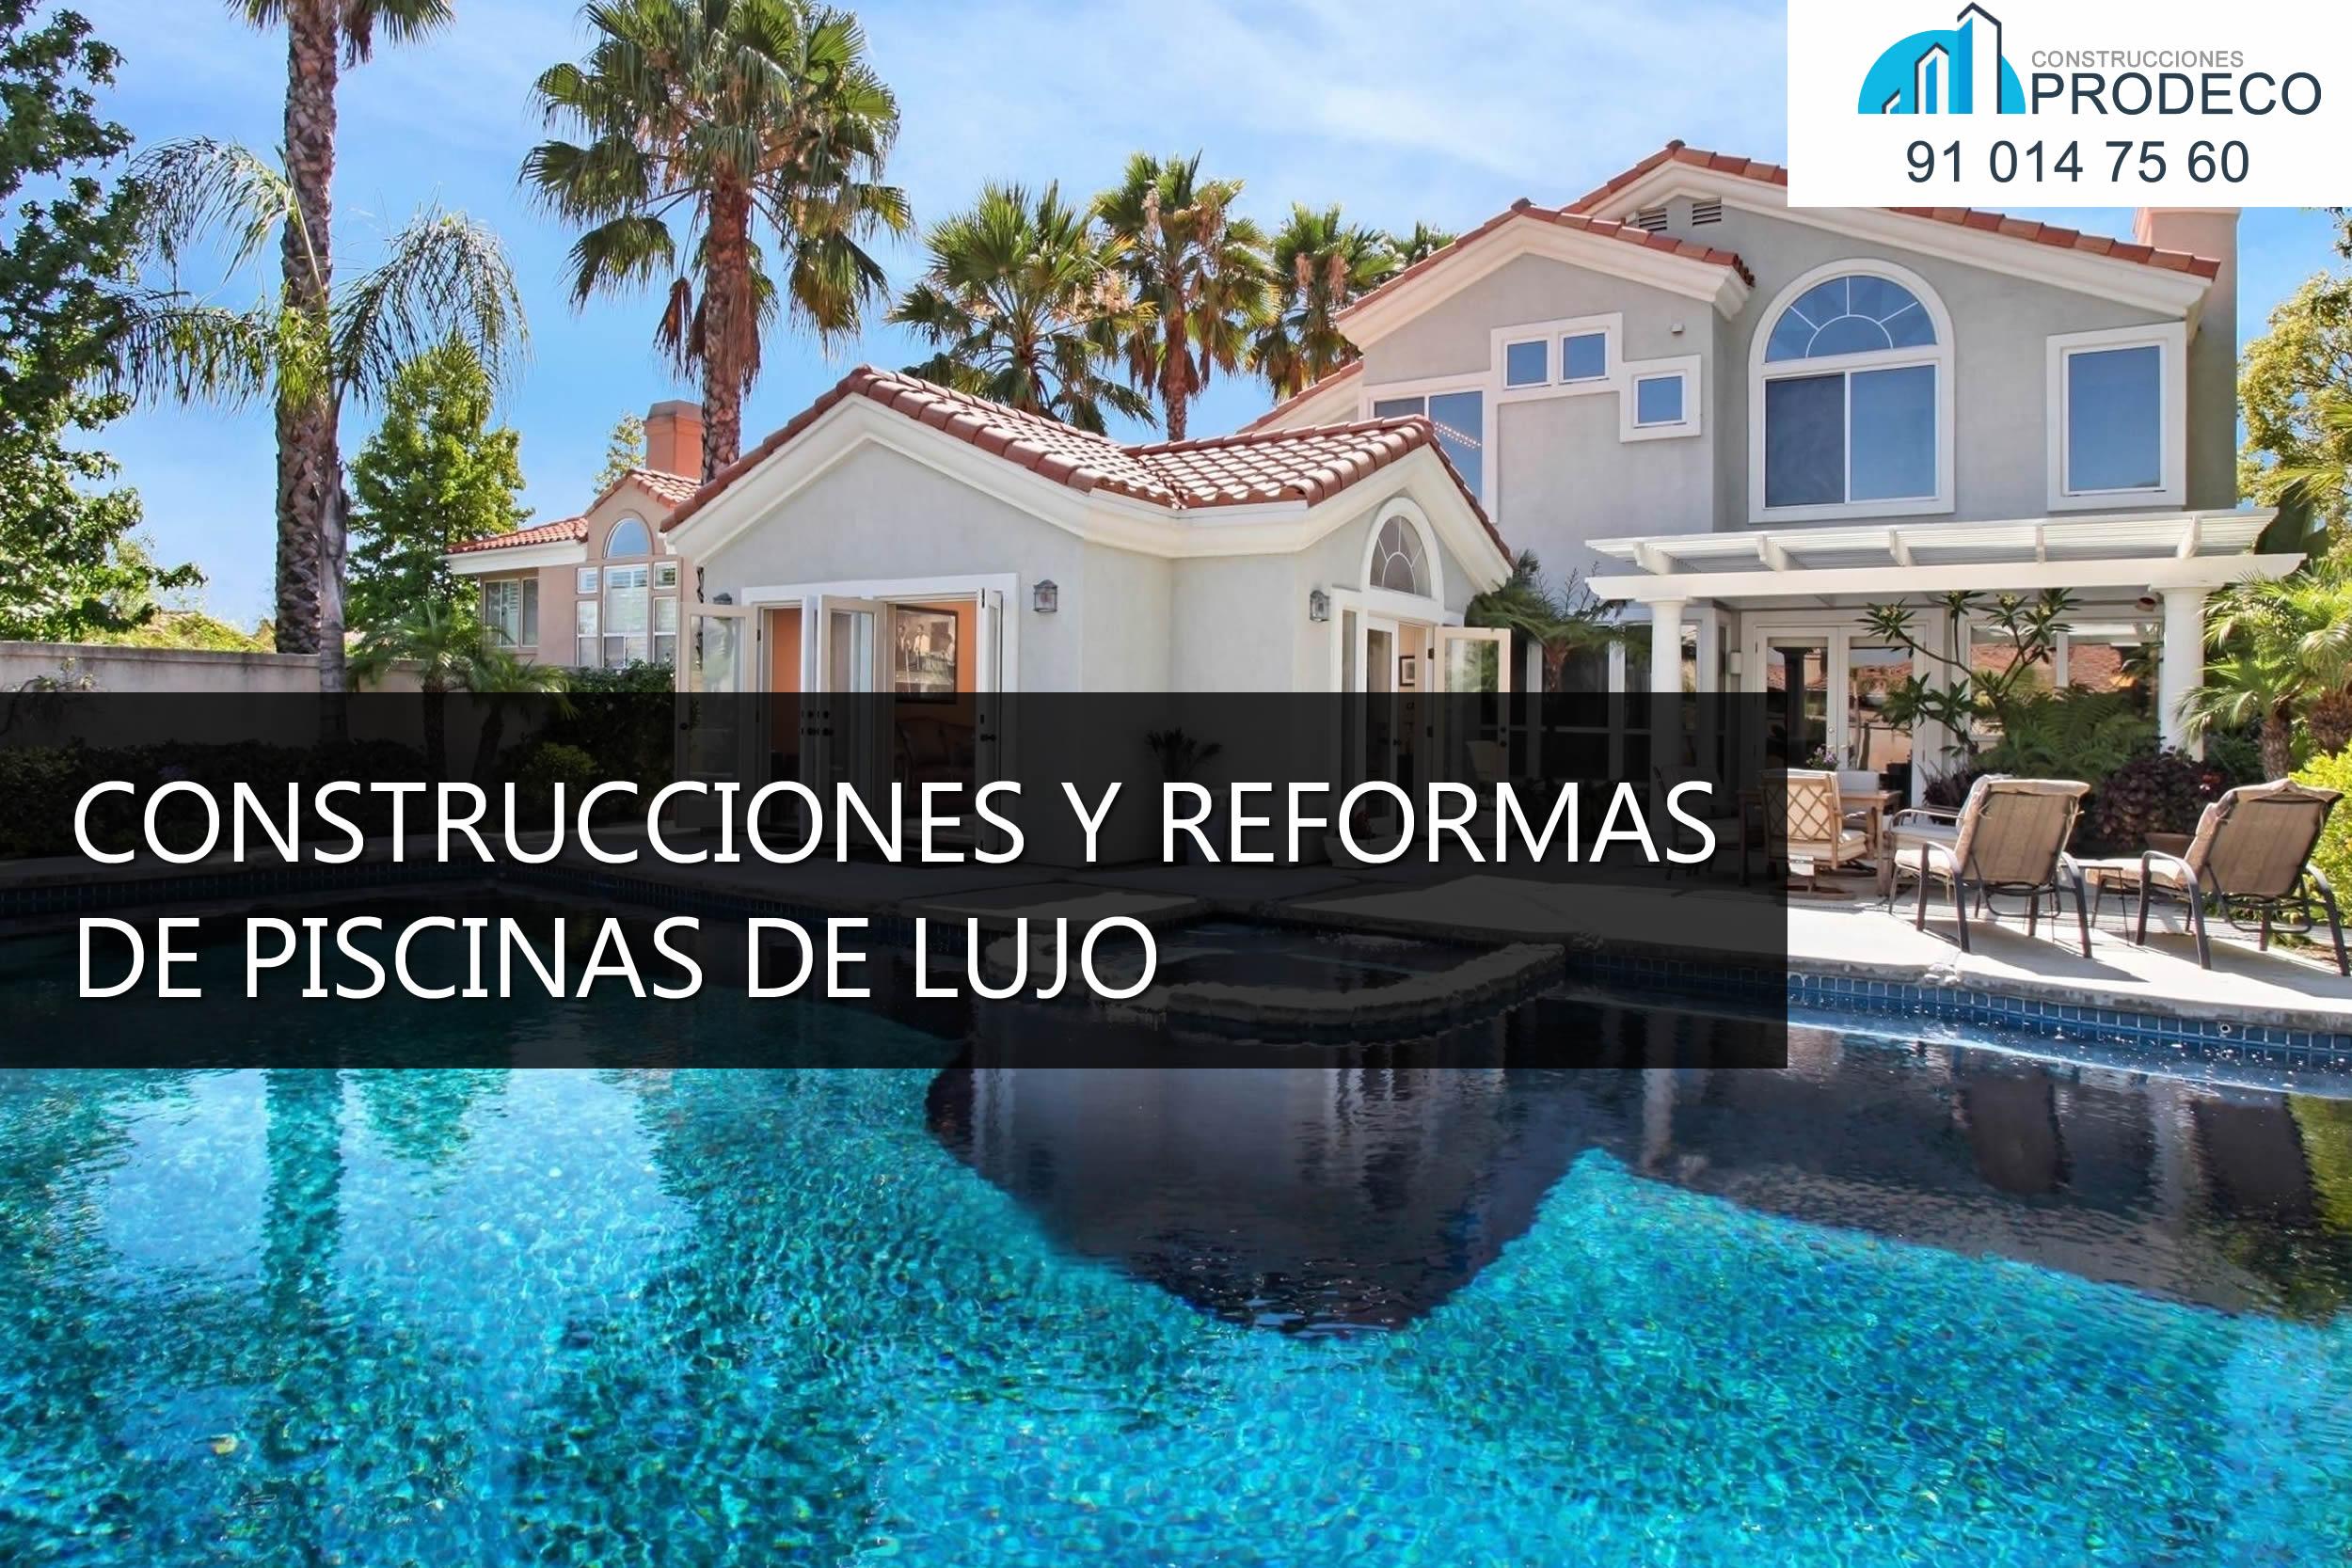 Construcciones y Reformas de Piscinas de Lujo